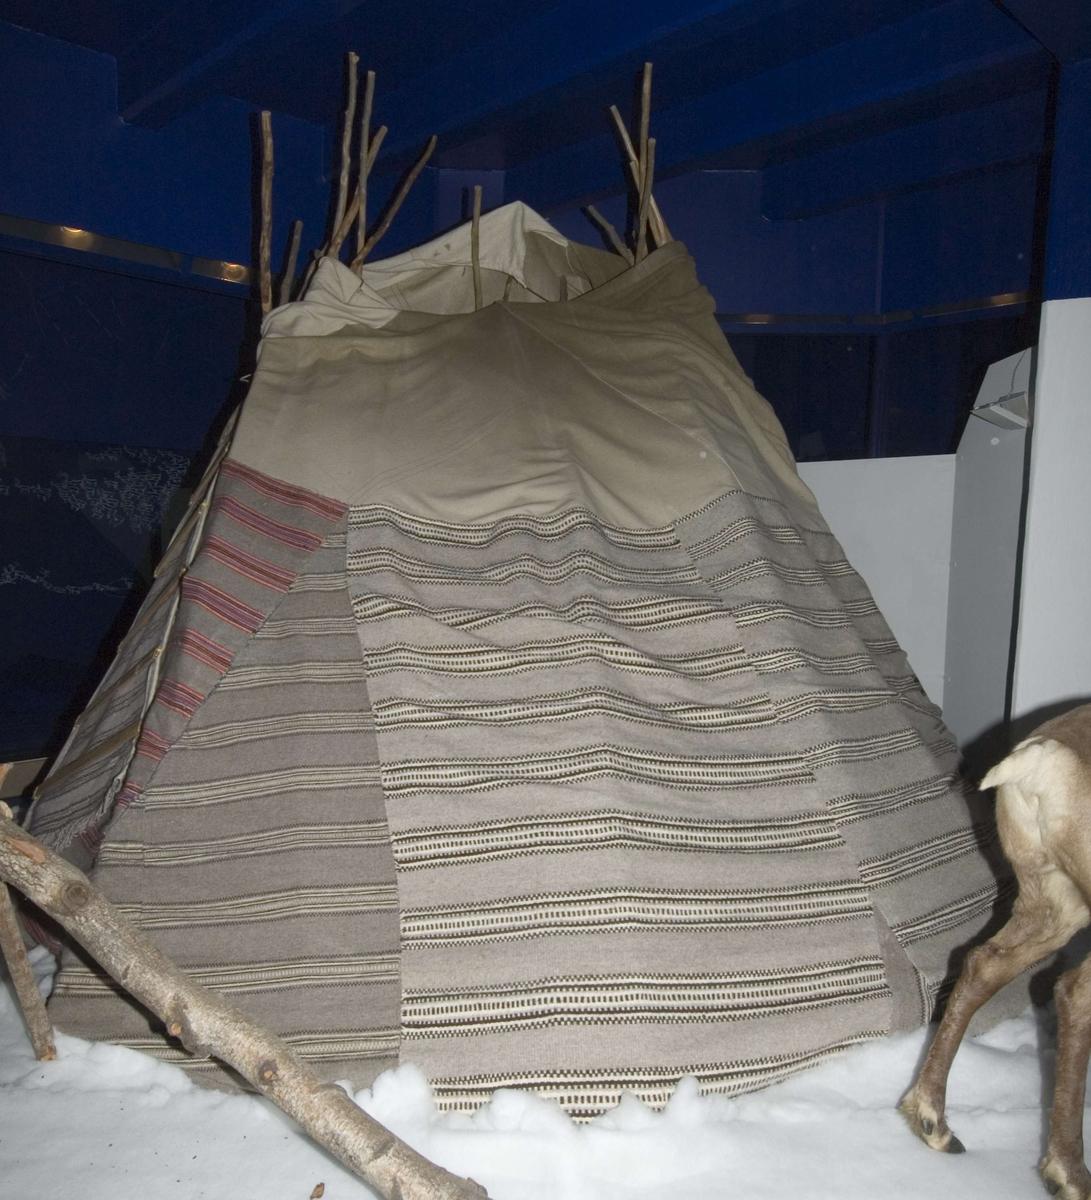 Den teltduken som nå ligger i en eske i samisk mag. i C-bygg er trolig duken til det teltet som ble kondemnert i 1979. LP 2015